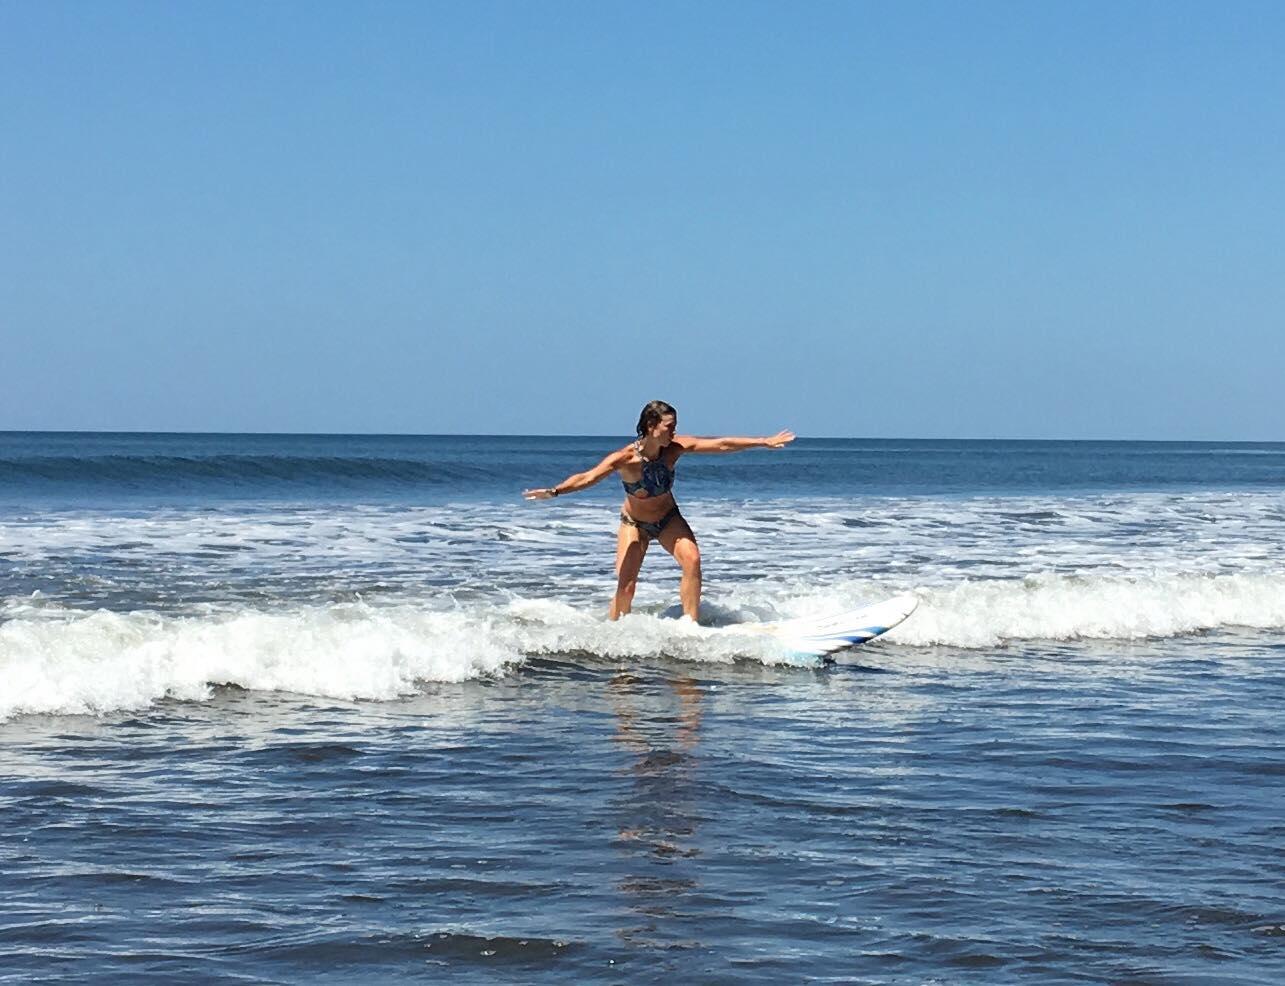 Nid surfing.jpg